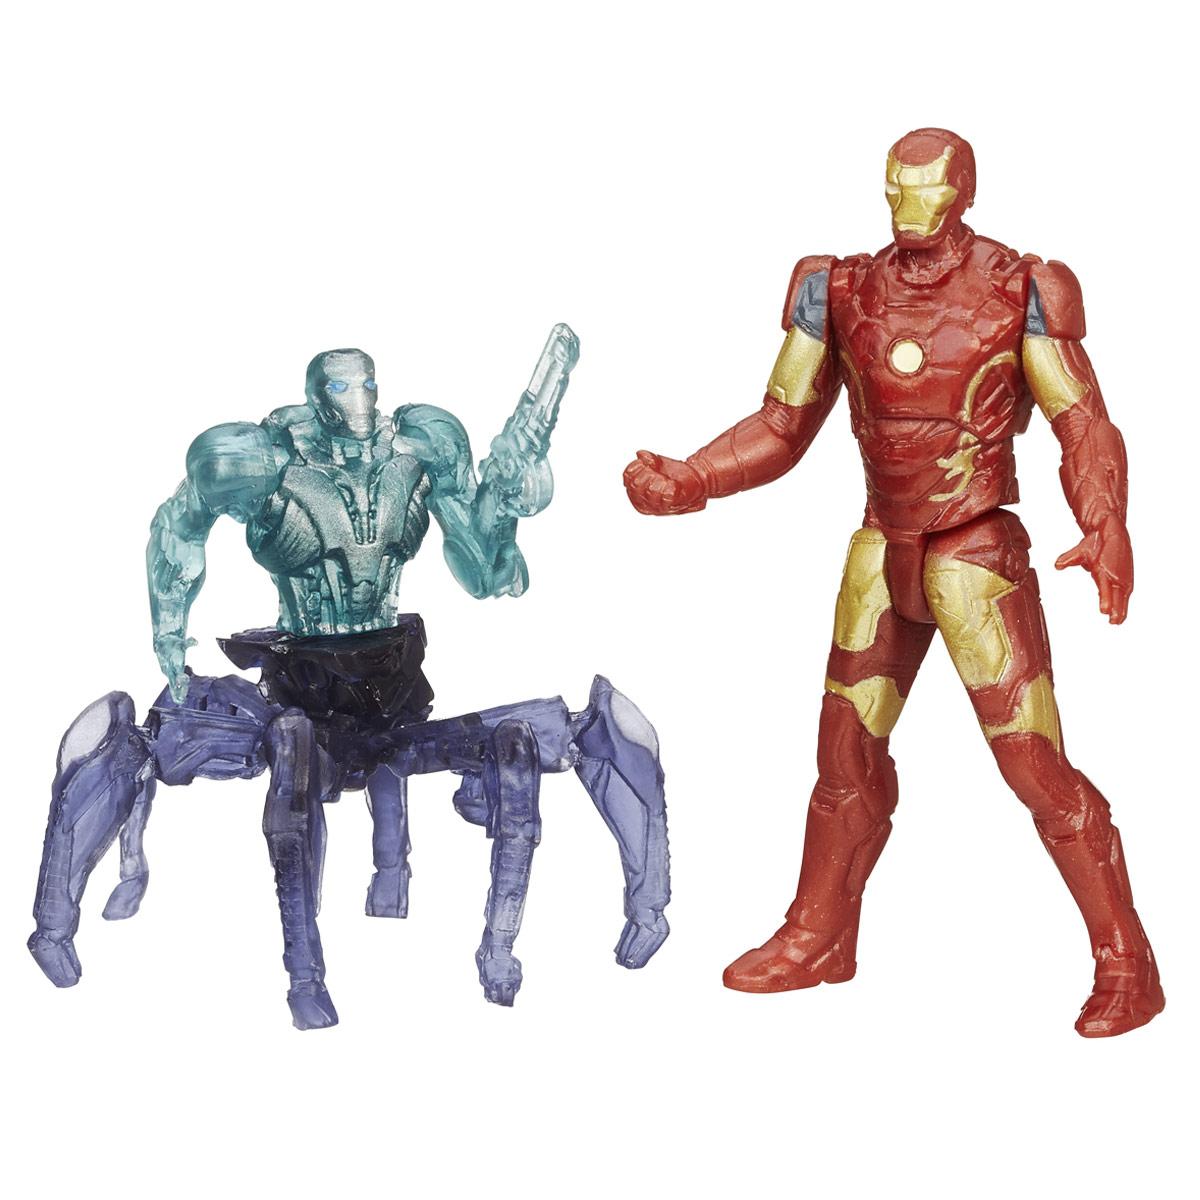 Мини-фигурка Avengers Iron Man Mark 43, с аксессуарамиB5768EU4_B1482Мини-фигурка Avengers Iron Man Mark 43 непременно привлечет внимание вашего ребенка и не позволит ему скучать. Фигурка выполнена в виде супергероя Железного Человека из команды Мстителей. В комплект также входят элементы для сборки фигурки Sub-Ultron 001. Фигурка выполнена из прочного безопасного пластика. Она в точности повторяет внешний вид героя фильма. Голова, руки и ноги фигурки подвижны, что позволяет придавать ей различные позы и открывает малышу неограниченный простор для игр. Соберите все мини-фигурки героев Marvel от Hasbro, и соедините фигурки Sub-Ultron в большого боевого робота! Небольшие размеры фигурки позволят ребенку брать ее с собой на прогулку и в гости, так что малышу не придется расставаться со своей игрушкой. Он проведет множество счастливых мгновений, играя с ней и придумывая различные истории.